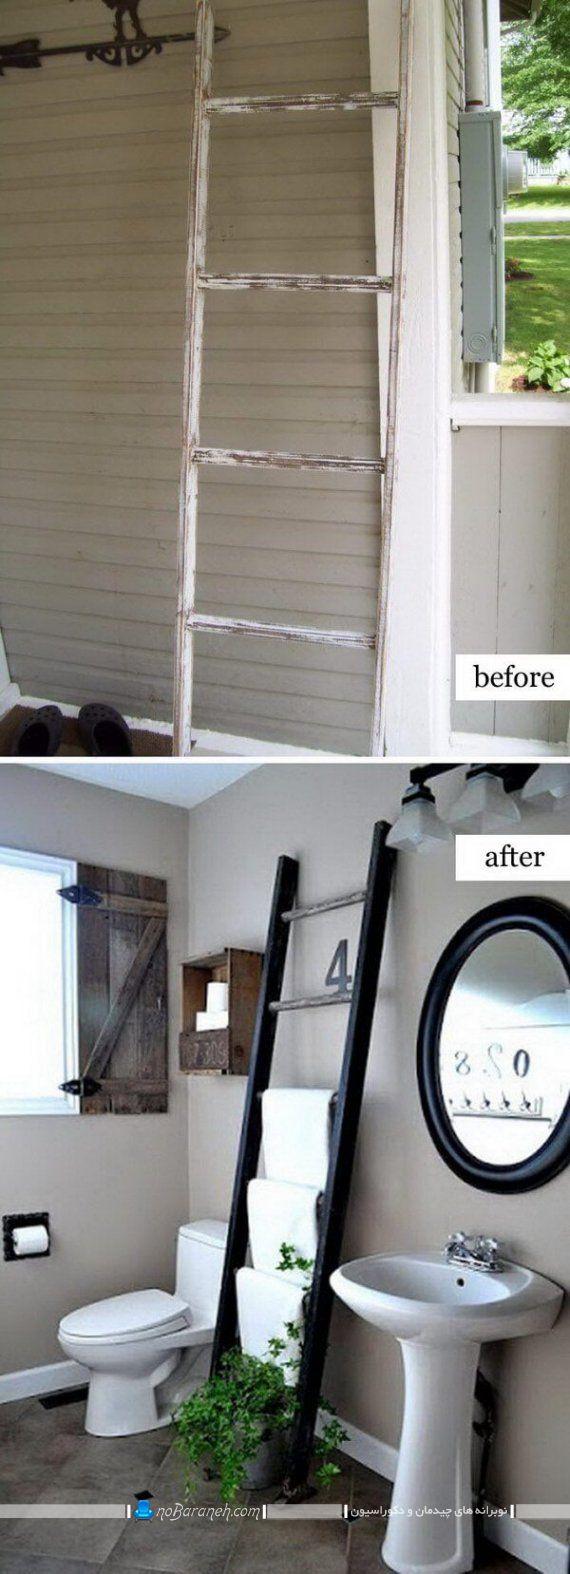 تبدیل نردبان چوبی به رخت آویز و جا حوله ای